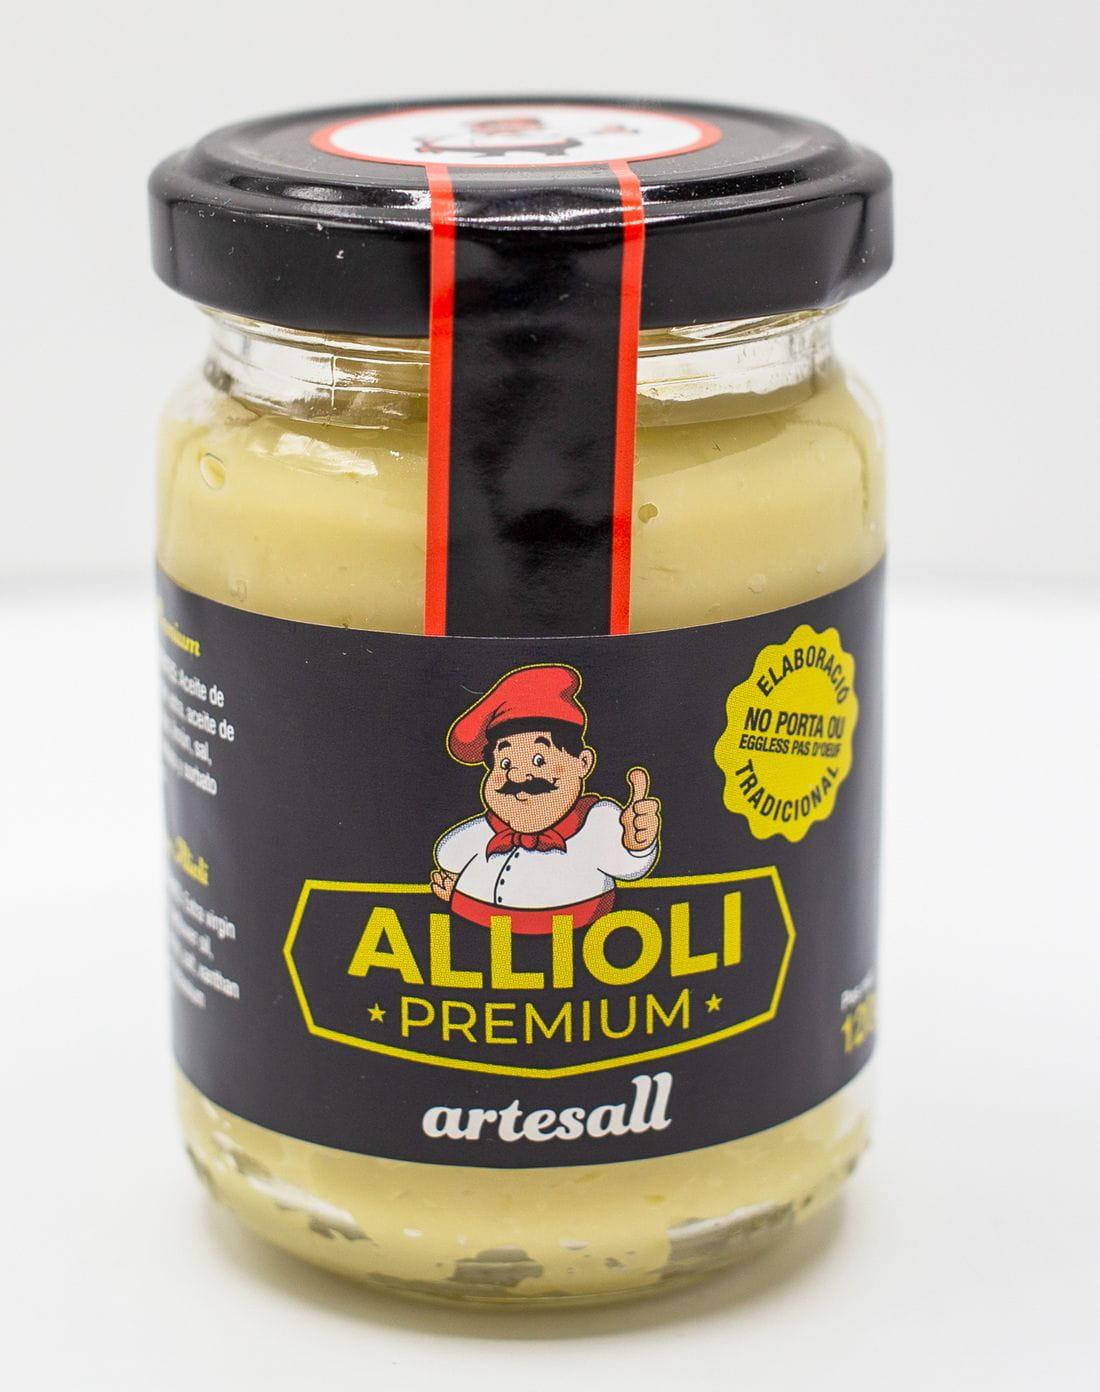 Allioli Premium